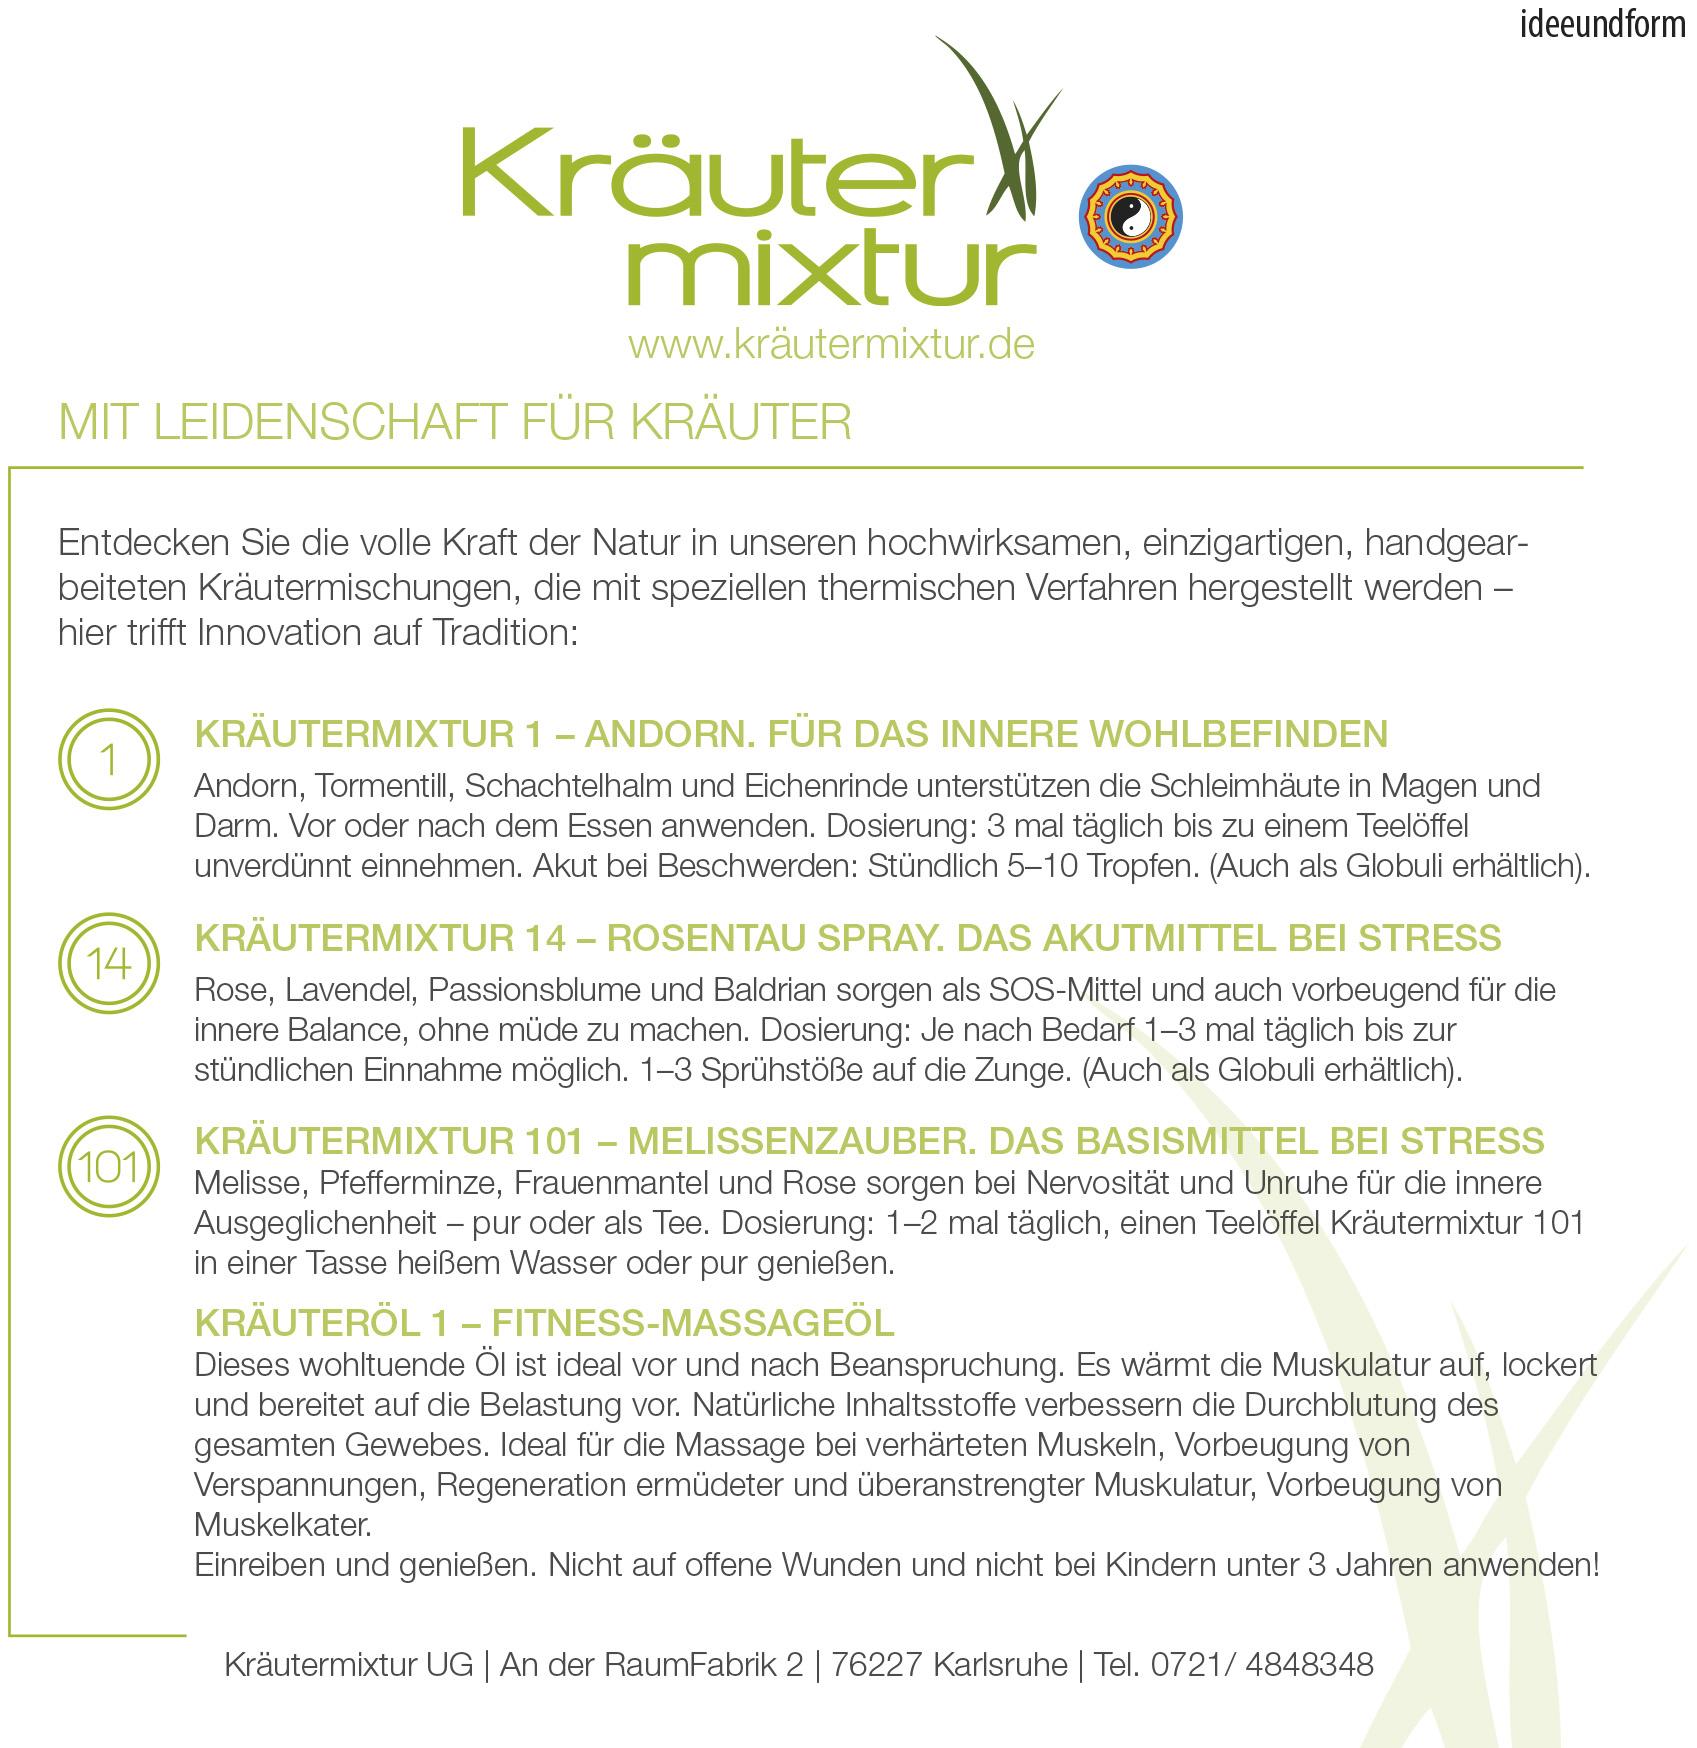 Kra-utermixtur-1